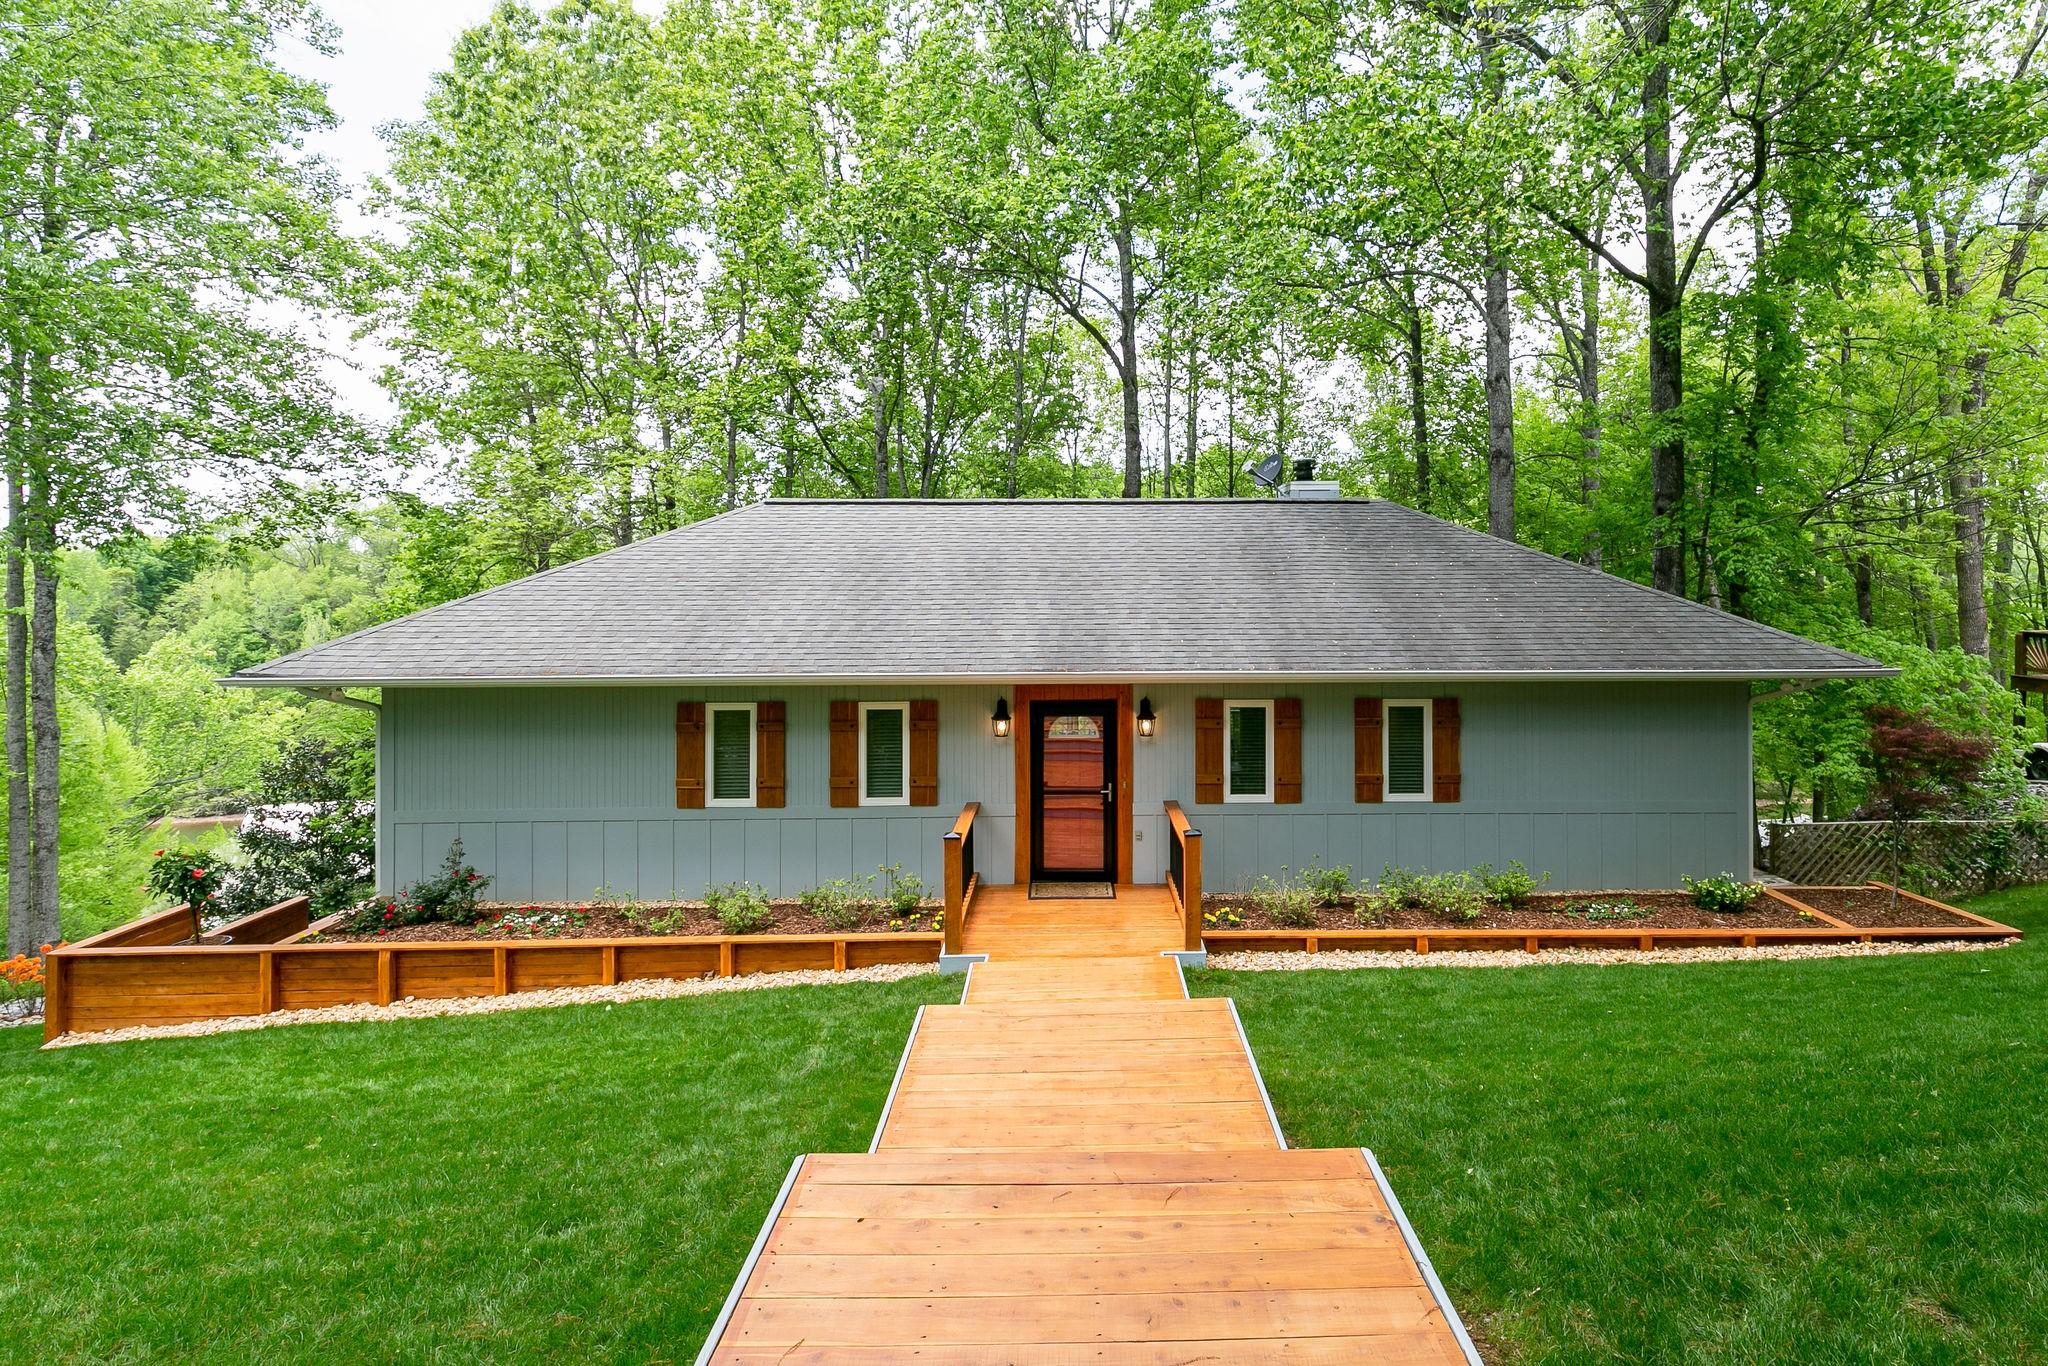 68 Chestnut St, Estill Springs, TN 37330 - Estill Springs, TN real estate listing